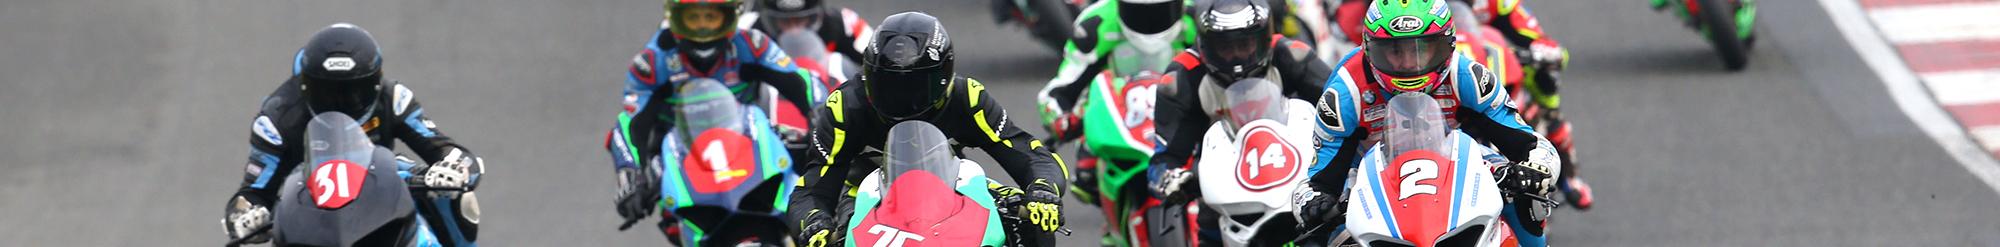 Ducati Trioptions Cup